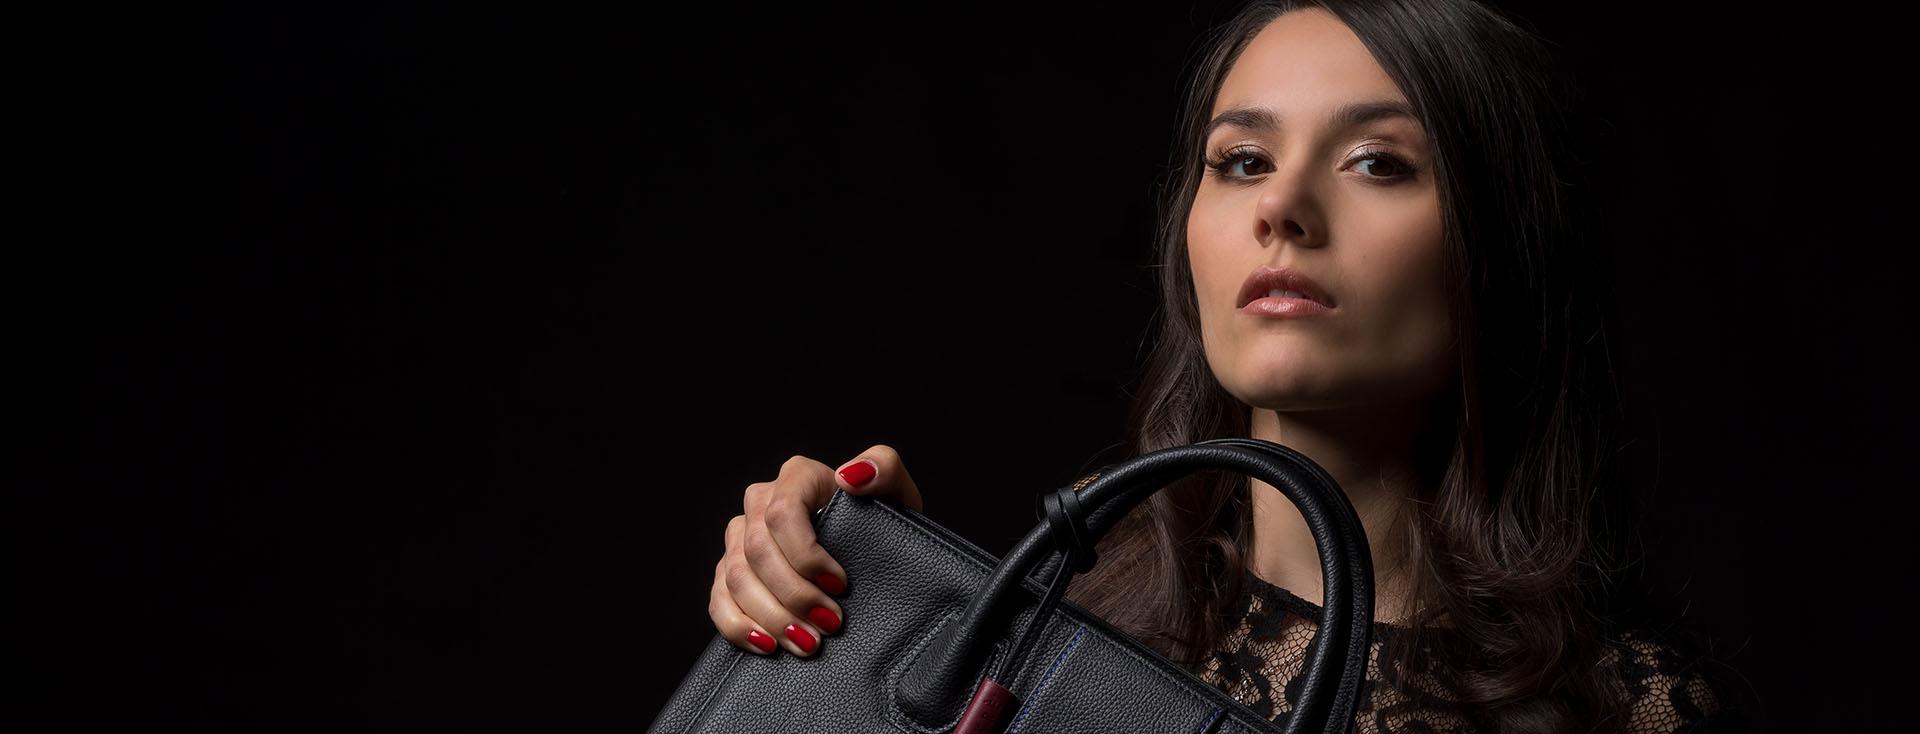 SEKRÈ mystery bag – die Luxus-Handtasche mit Geheimnis